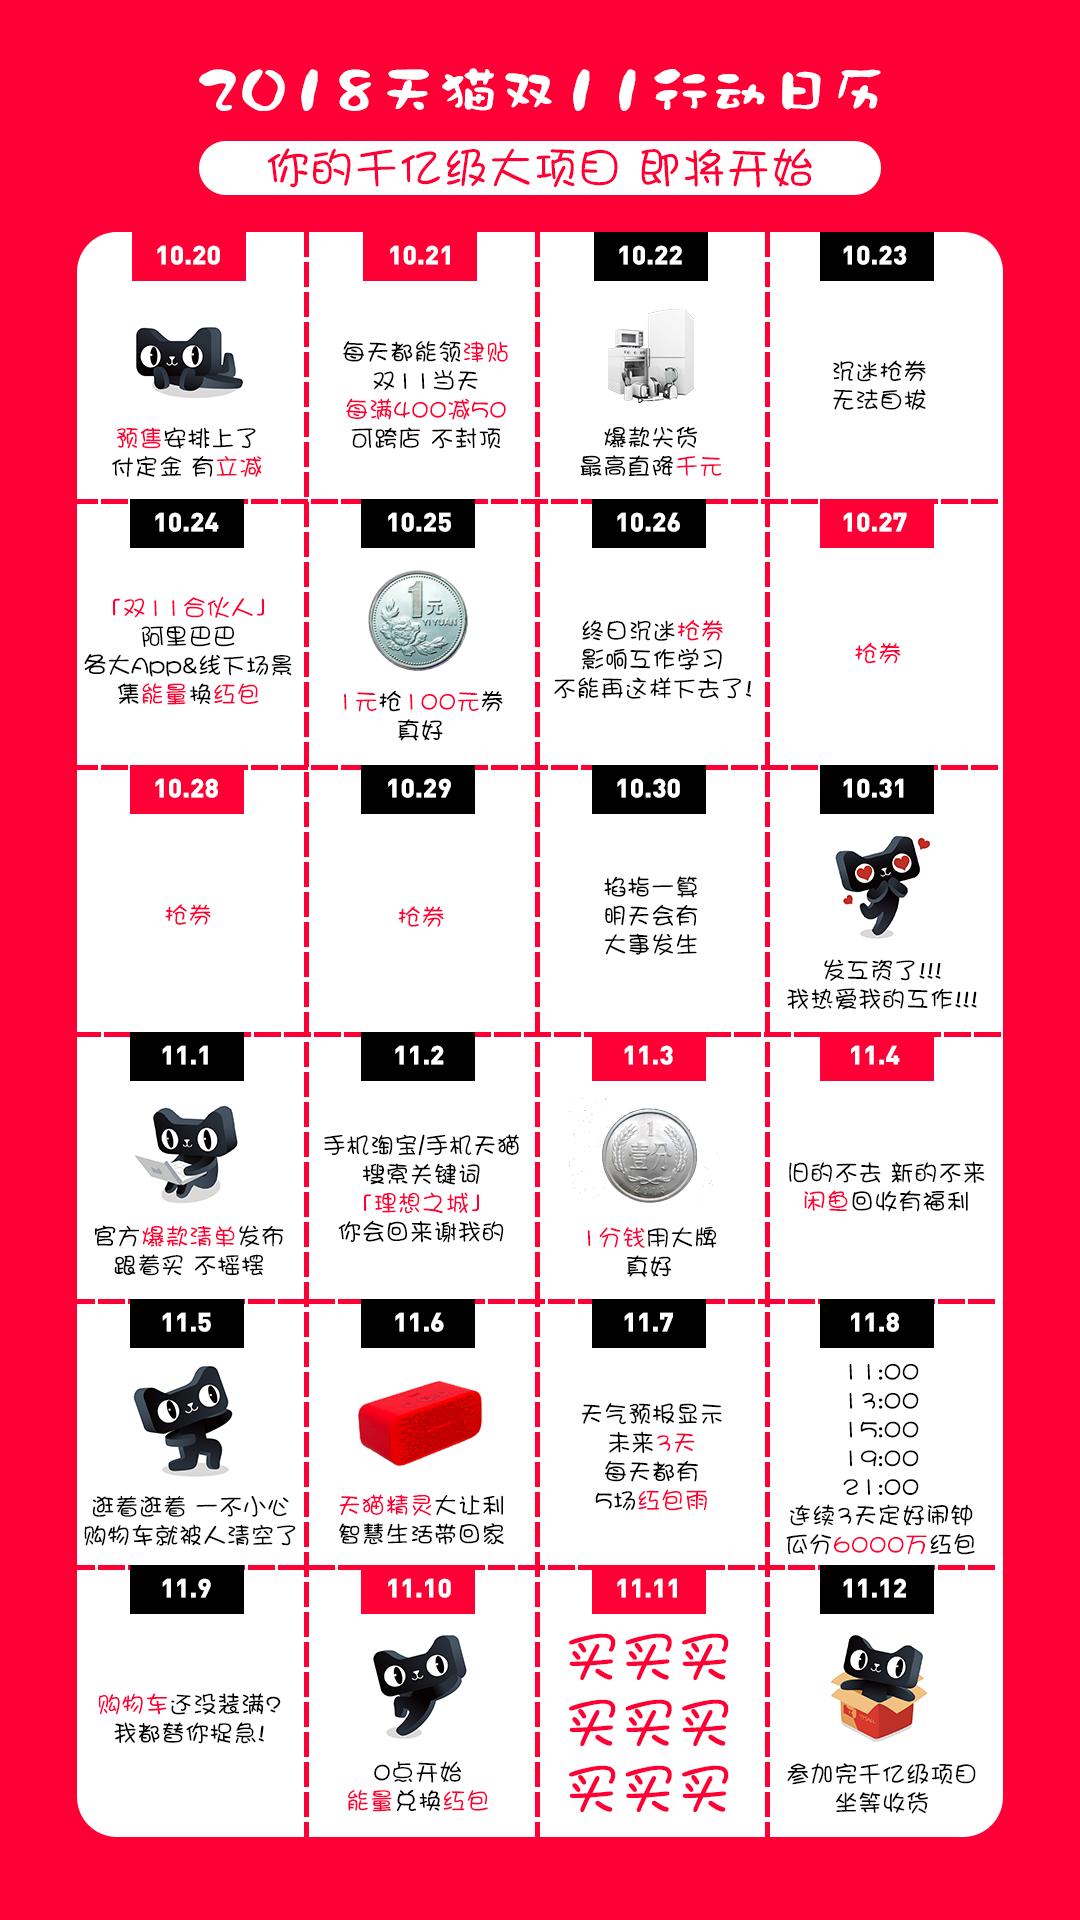 【图片-新媒体】2018天猫双11行动日历